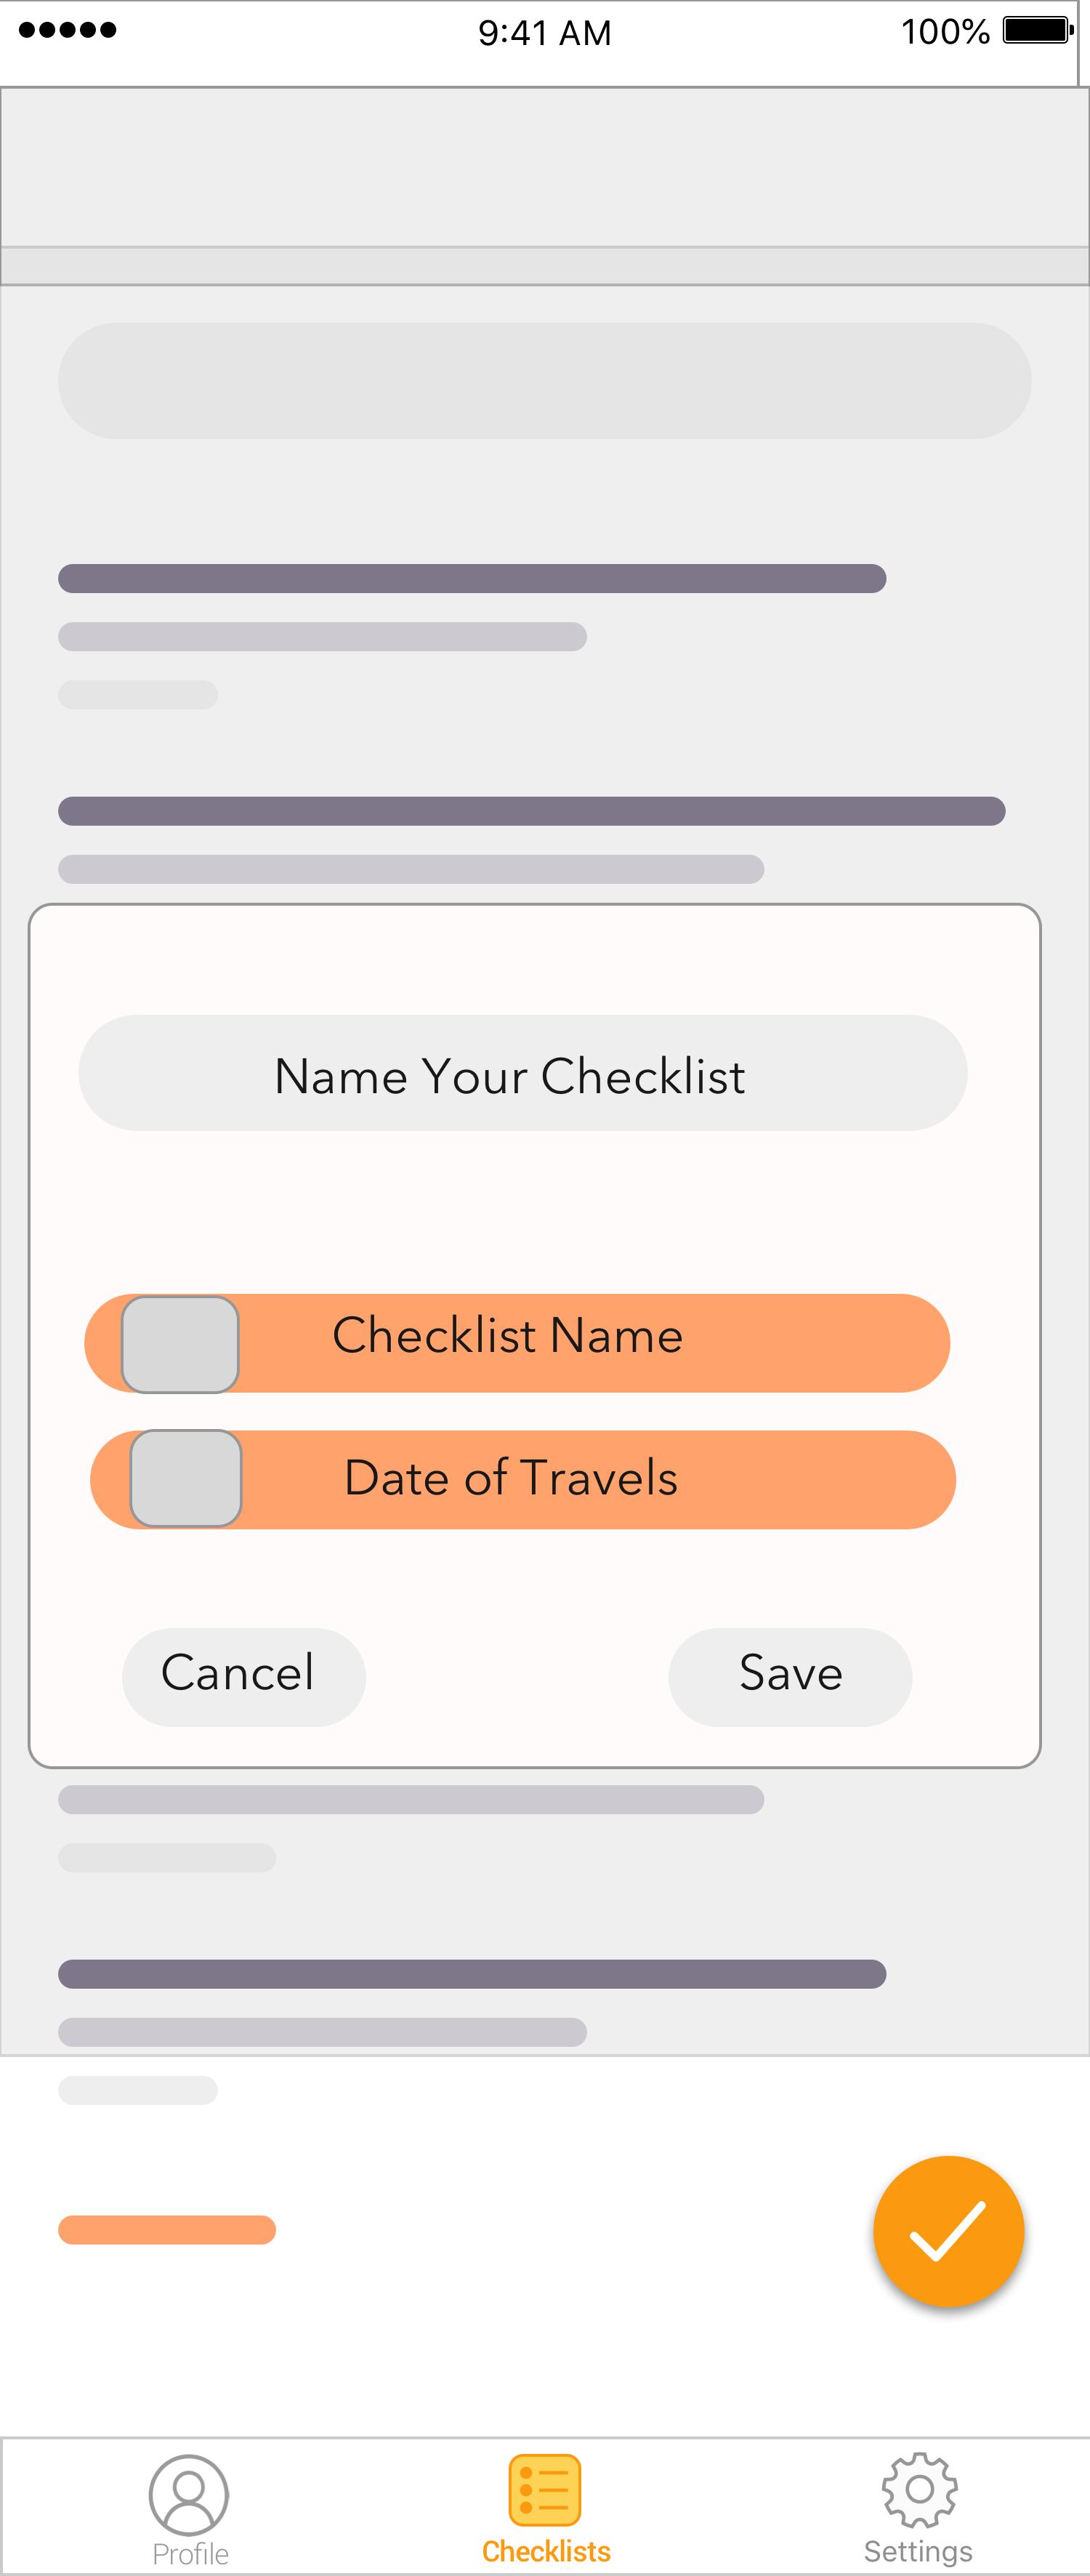 Add Checklist Name